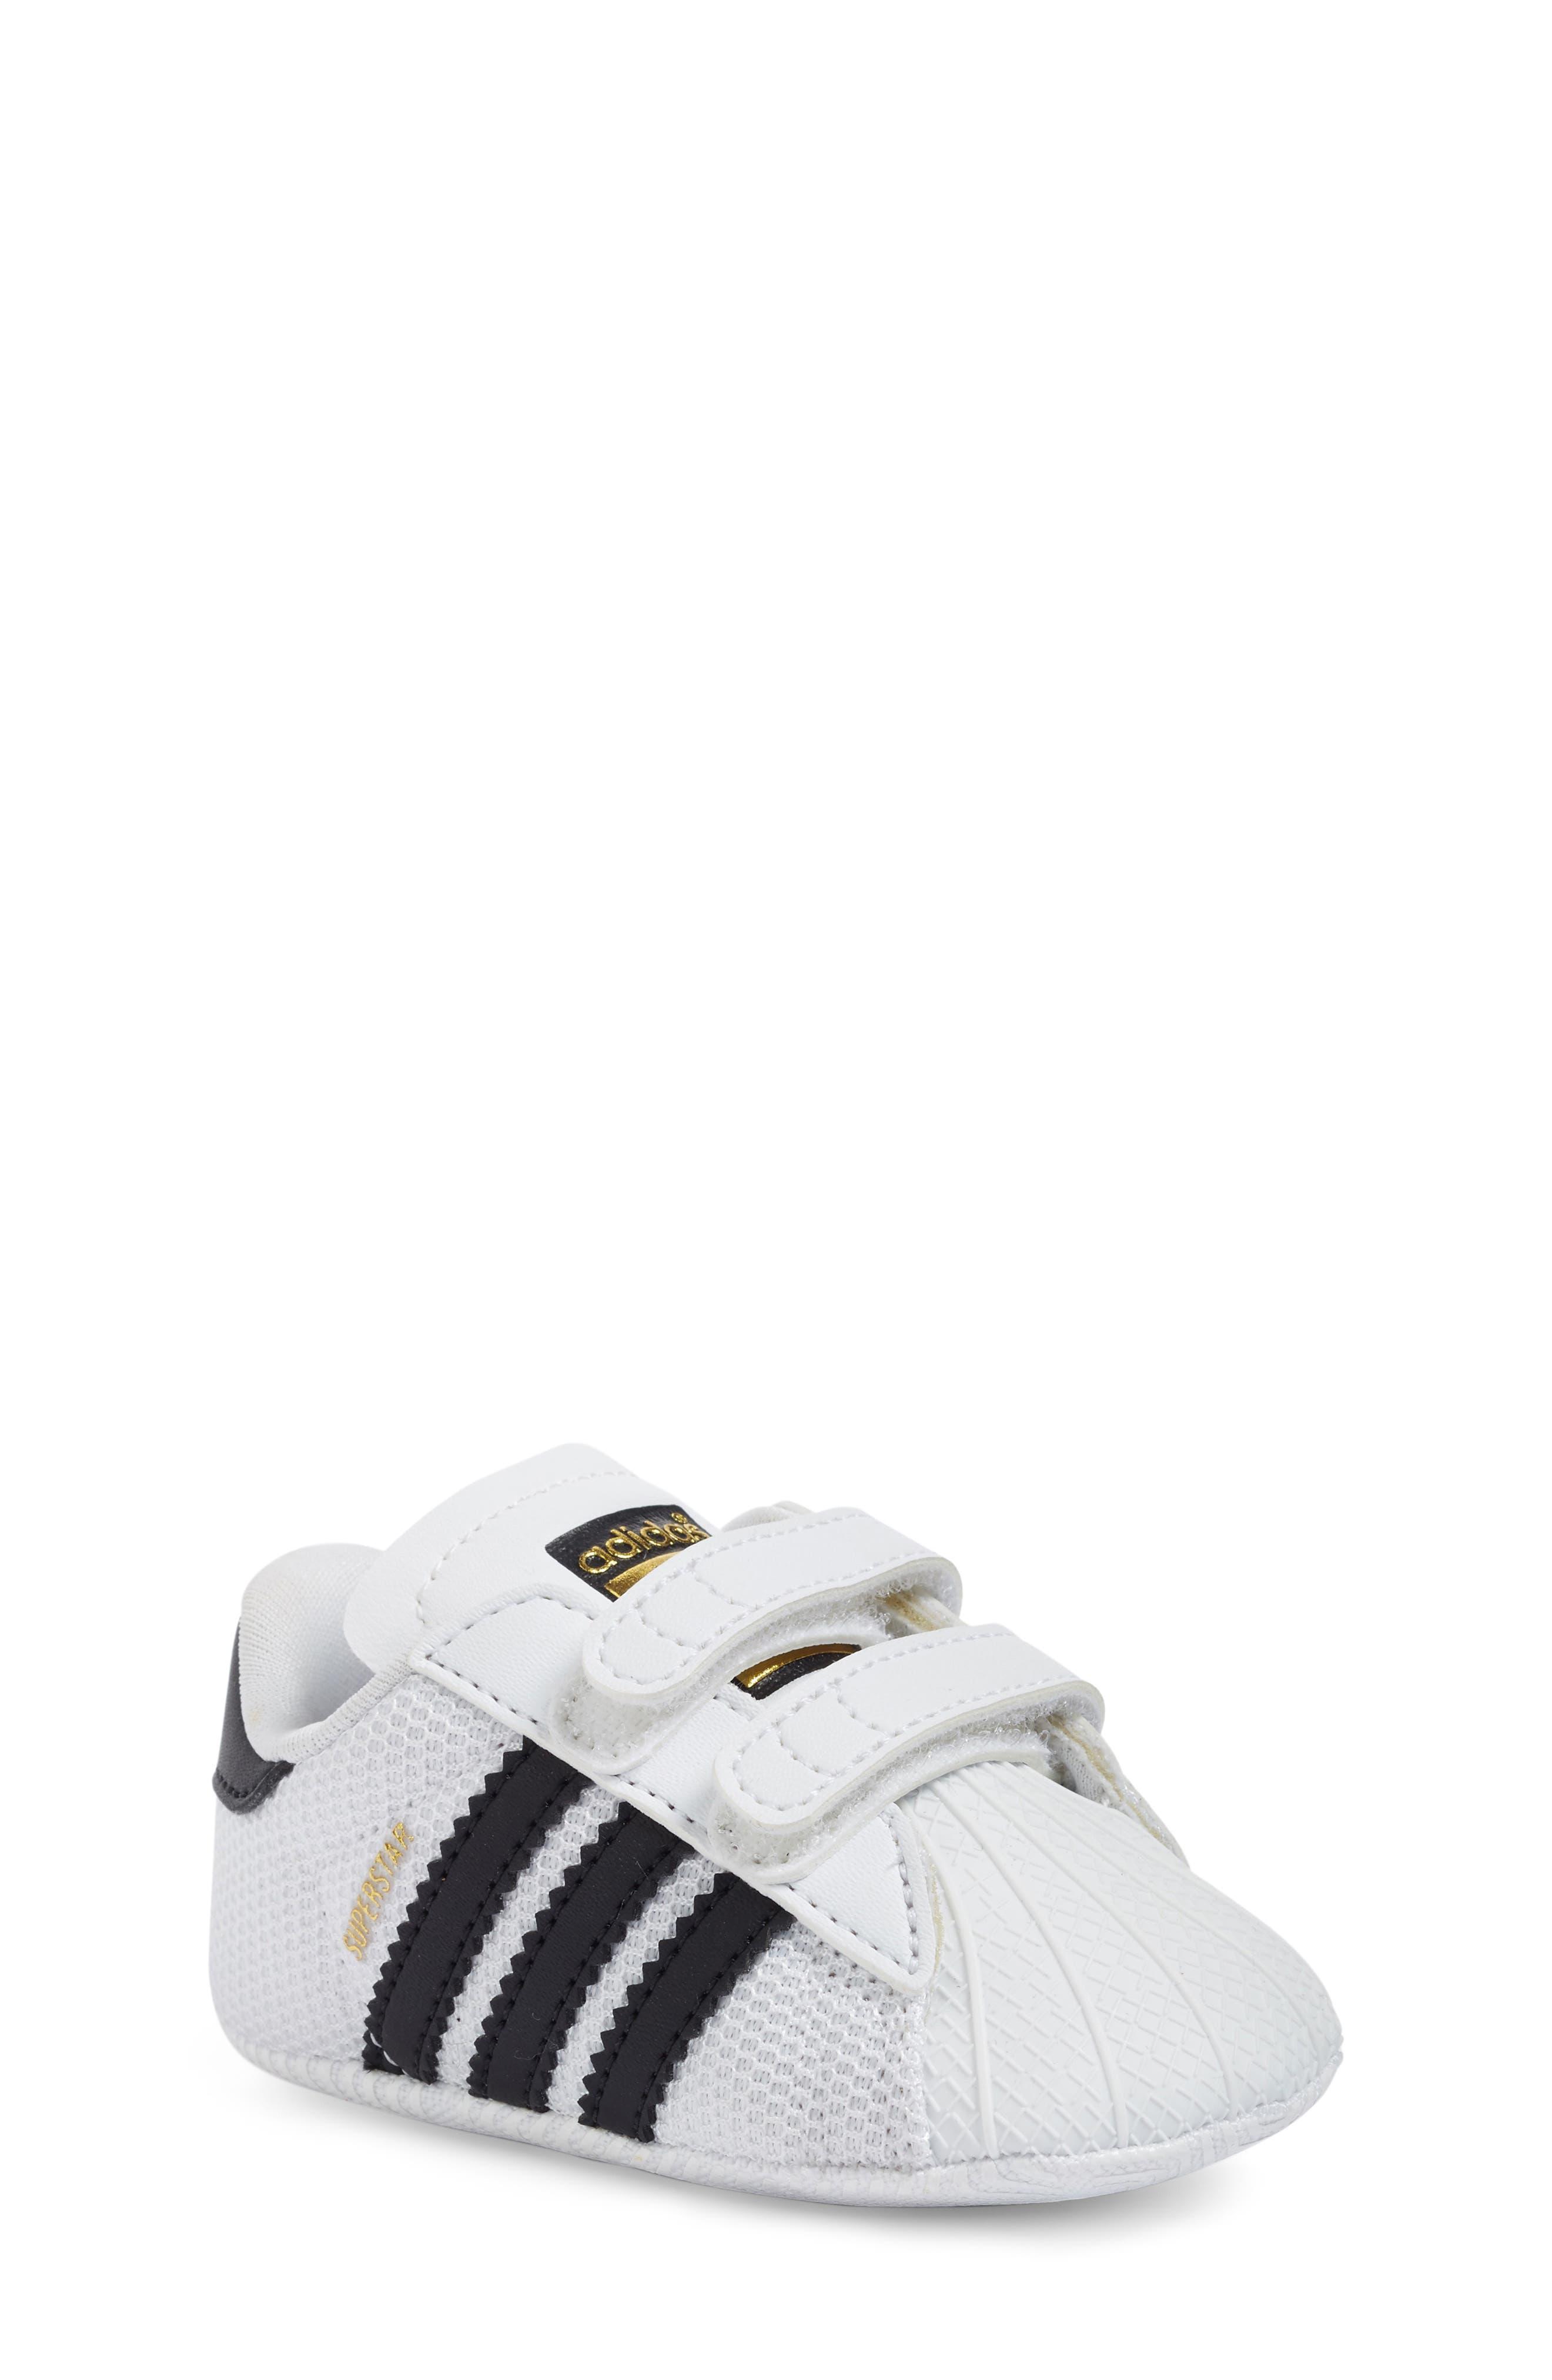 Superstar Sneaker,                             Main thumbnail 1, color,                             White/ Black